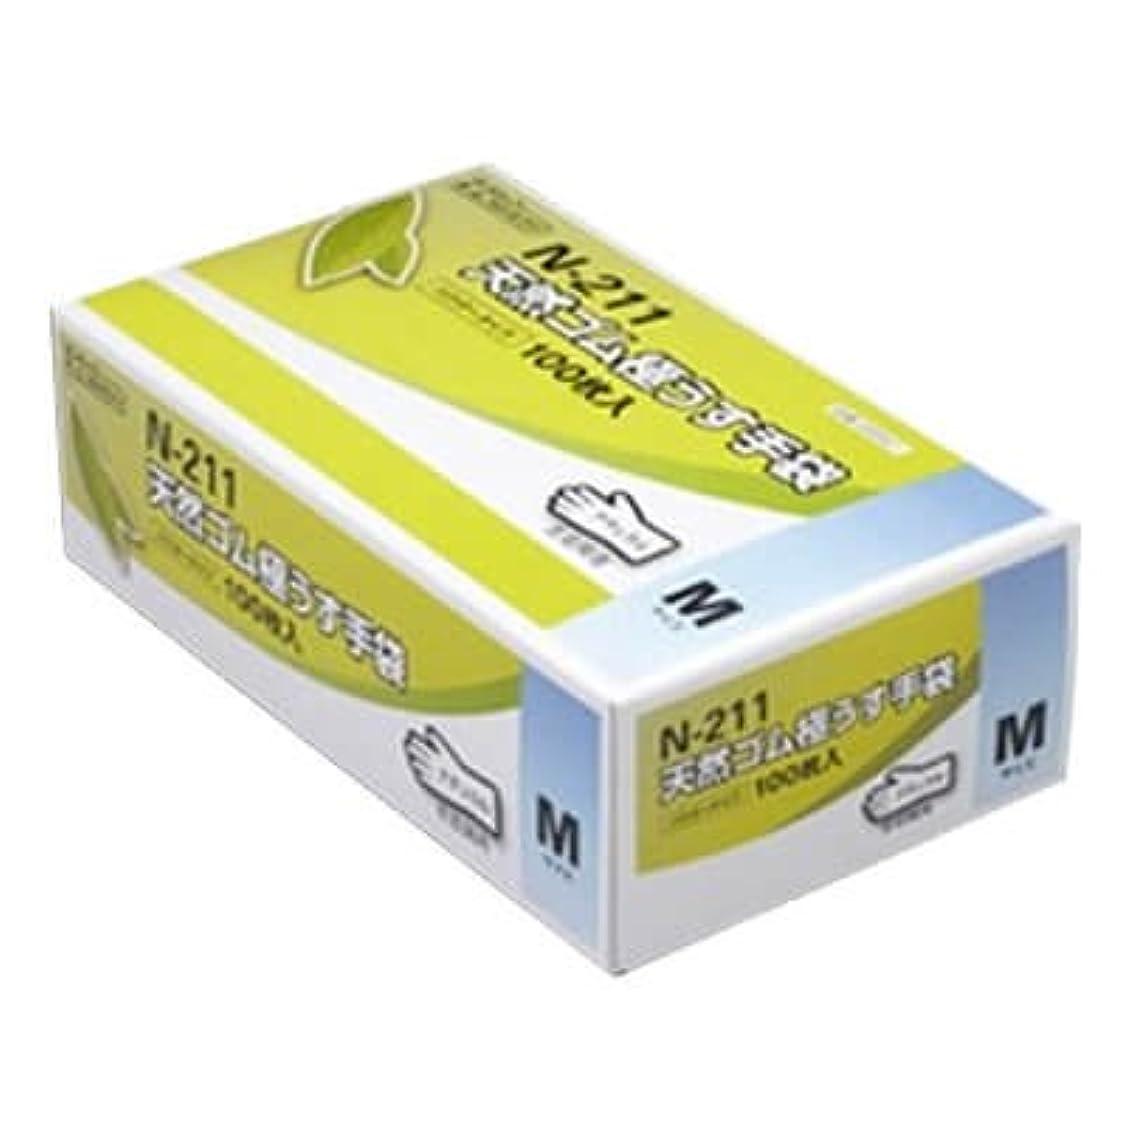 【ケース販売】 ダンロップ 天然ゴム極うす手袋 N-211 M ナチュラル (100枚入×20箱)